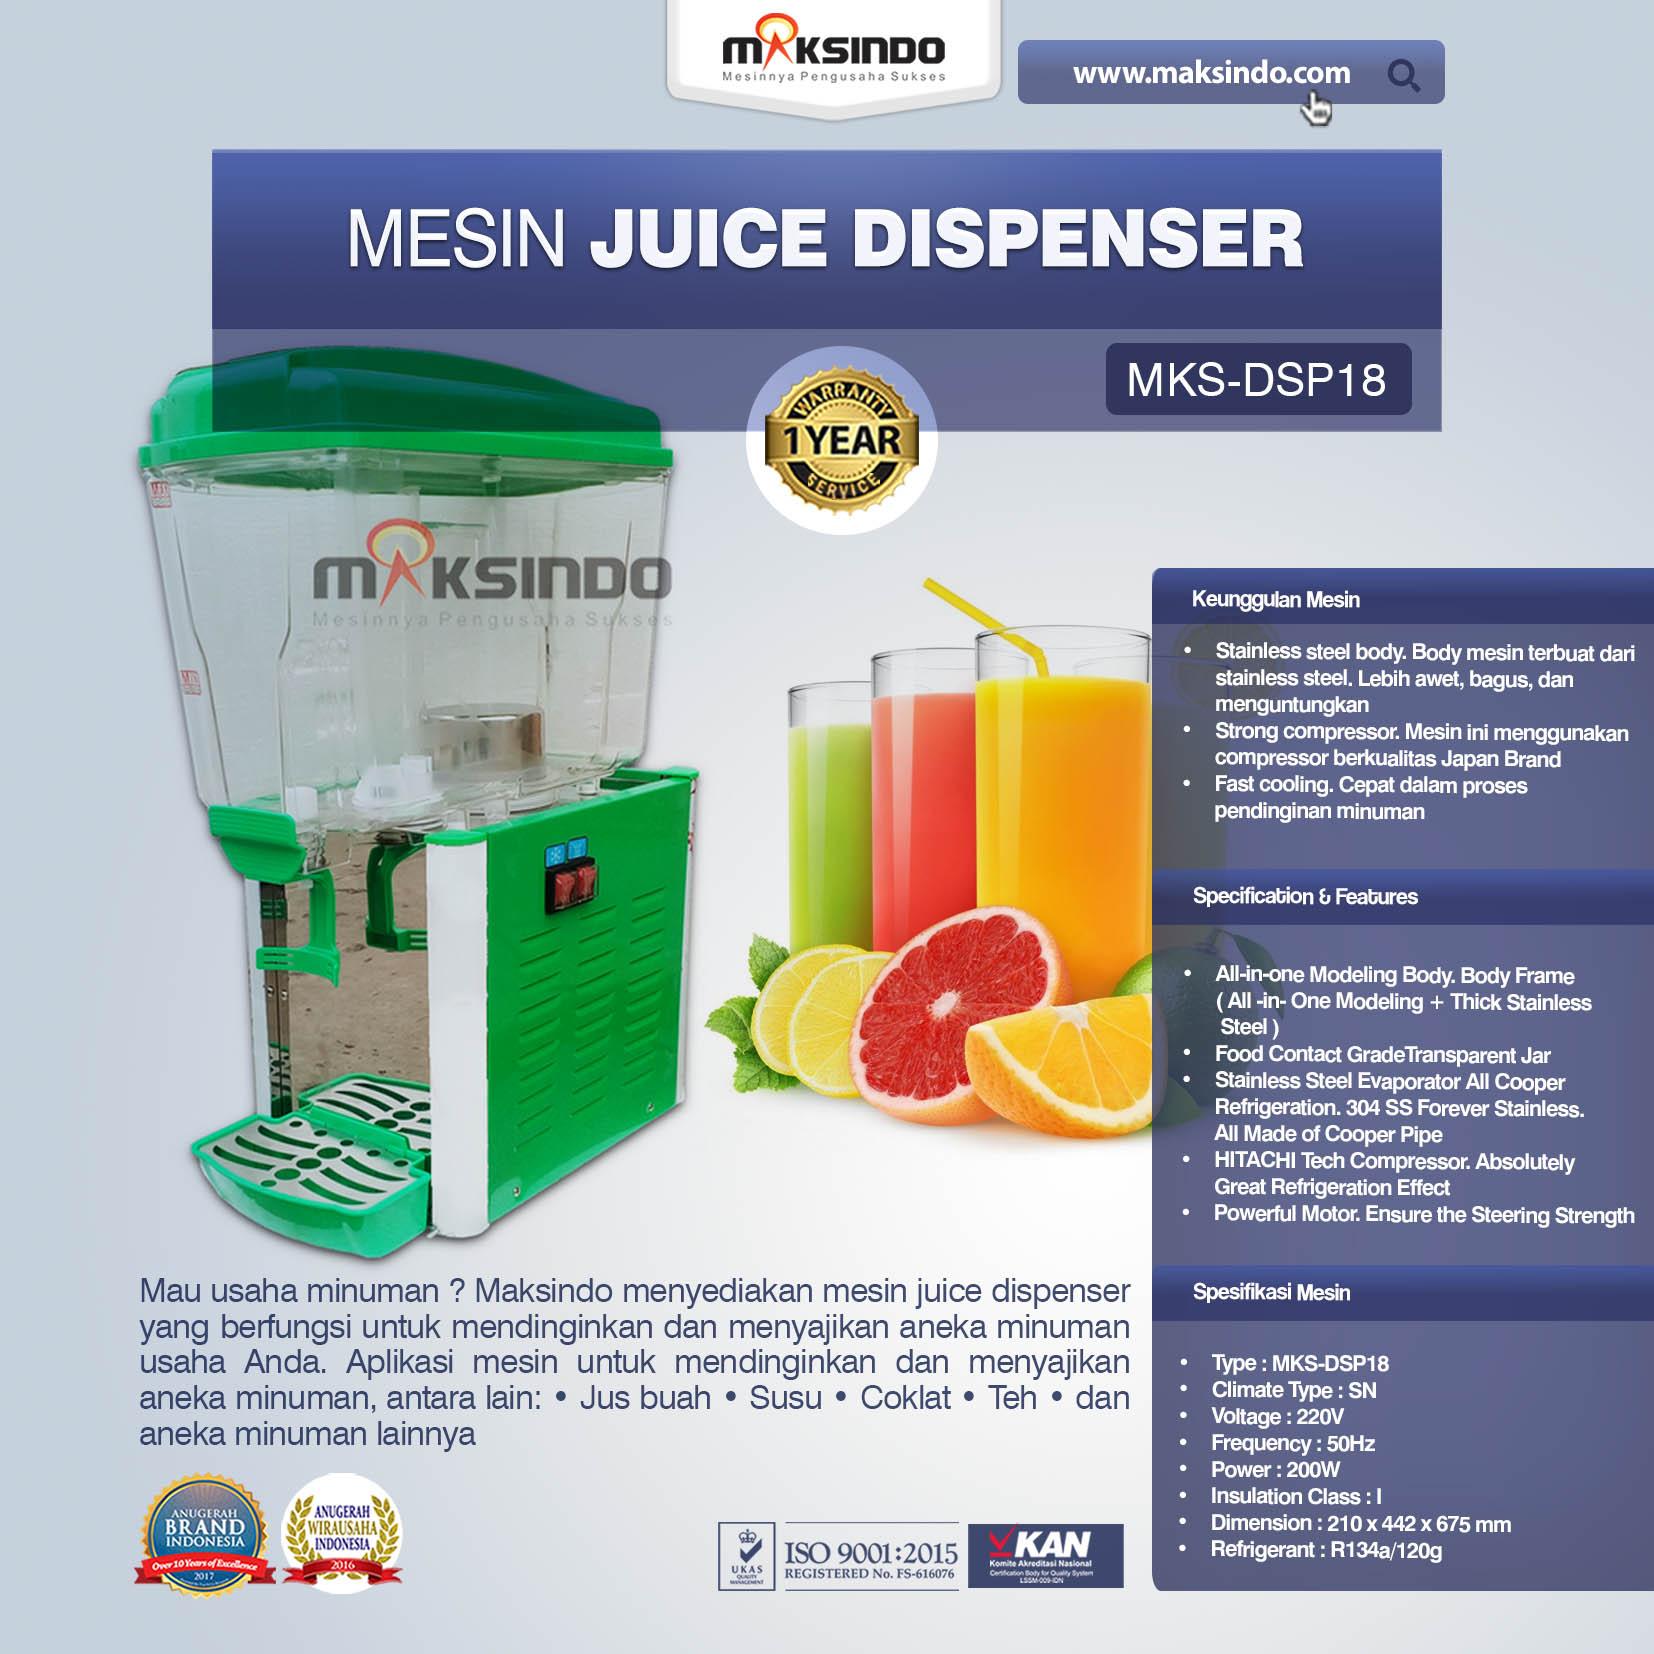 Jual Mesin Juice Dispenser MKS-DSP18 di Pekanbaru